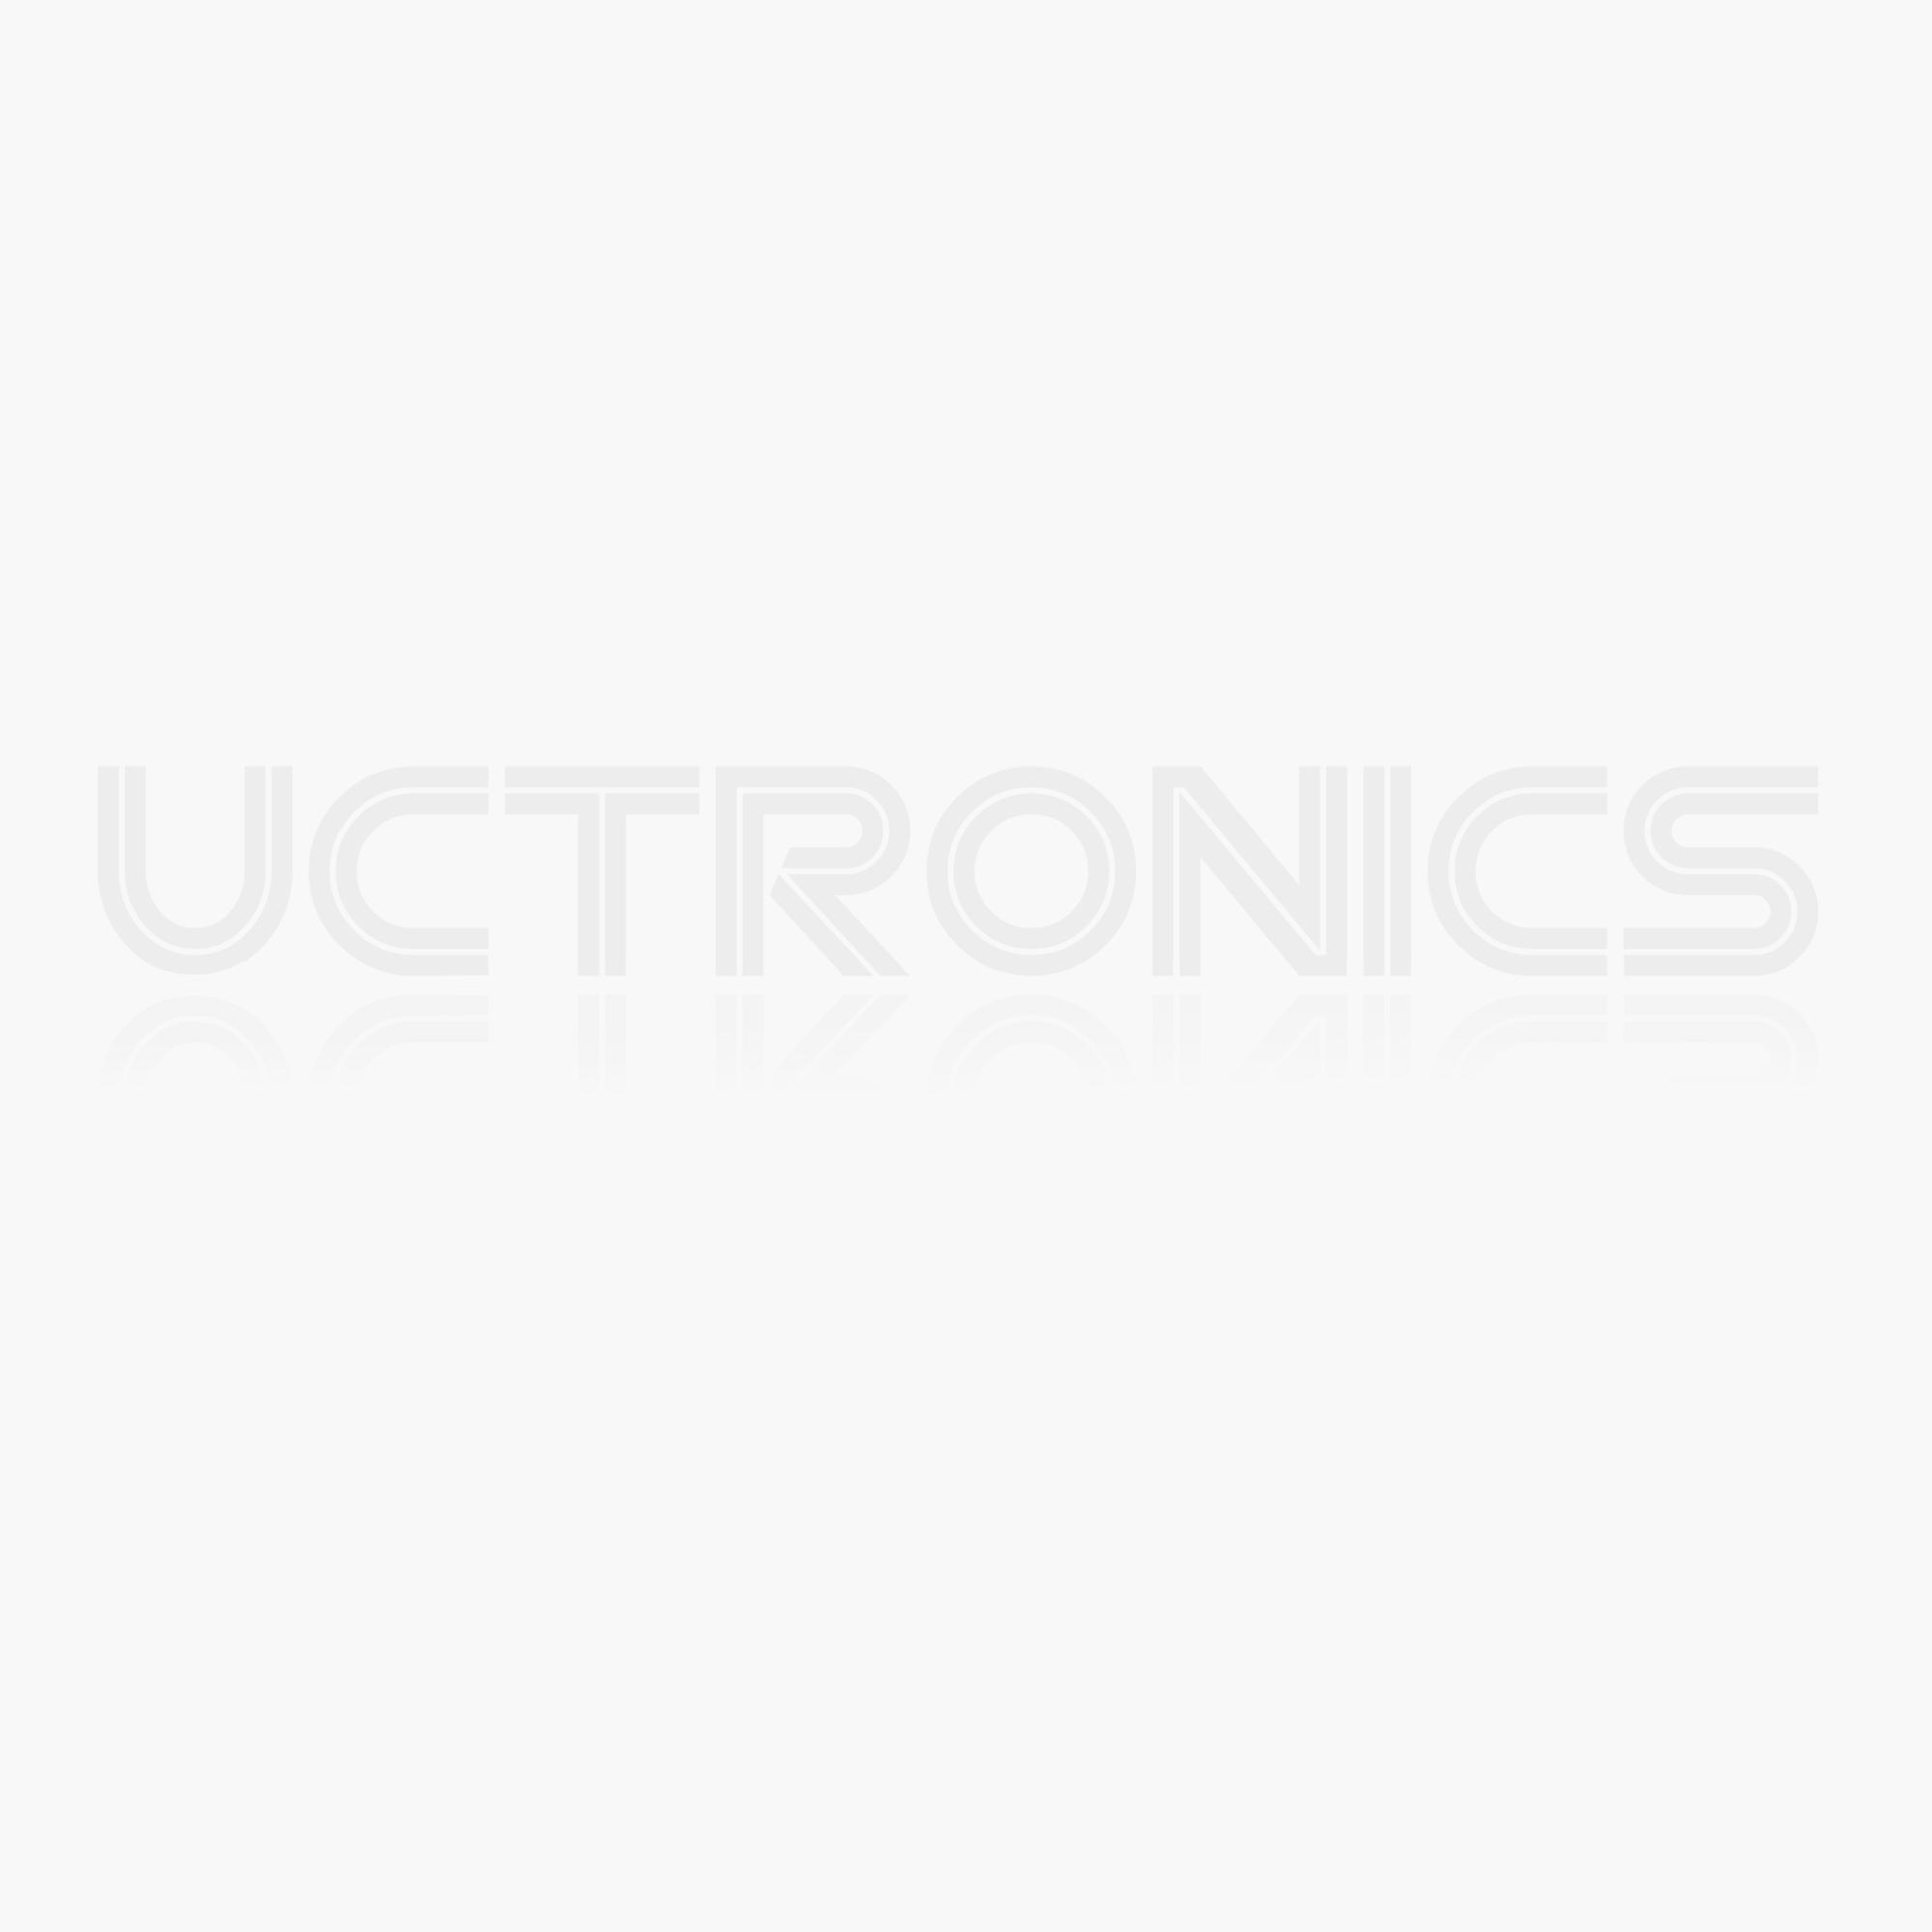 UCTRONICS Mini PoE HAT for Raspberry Pi